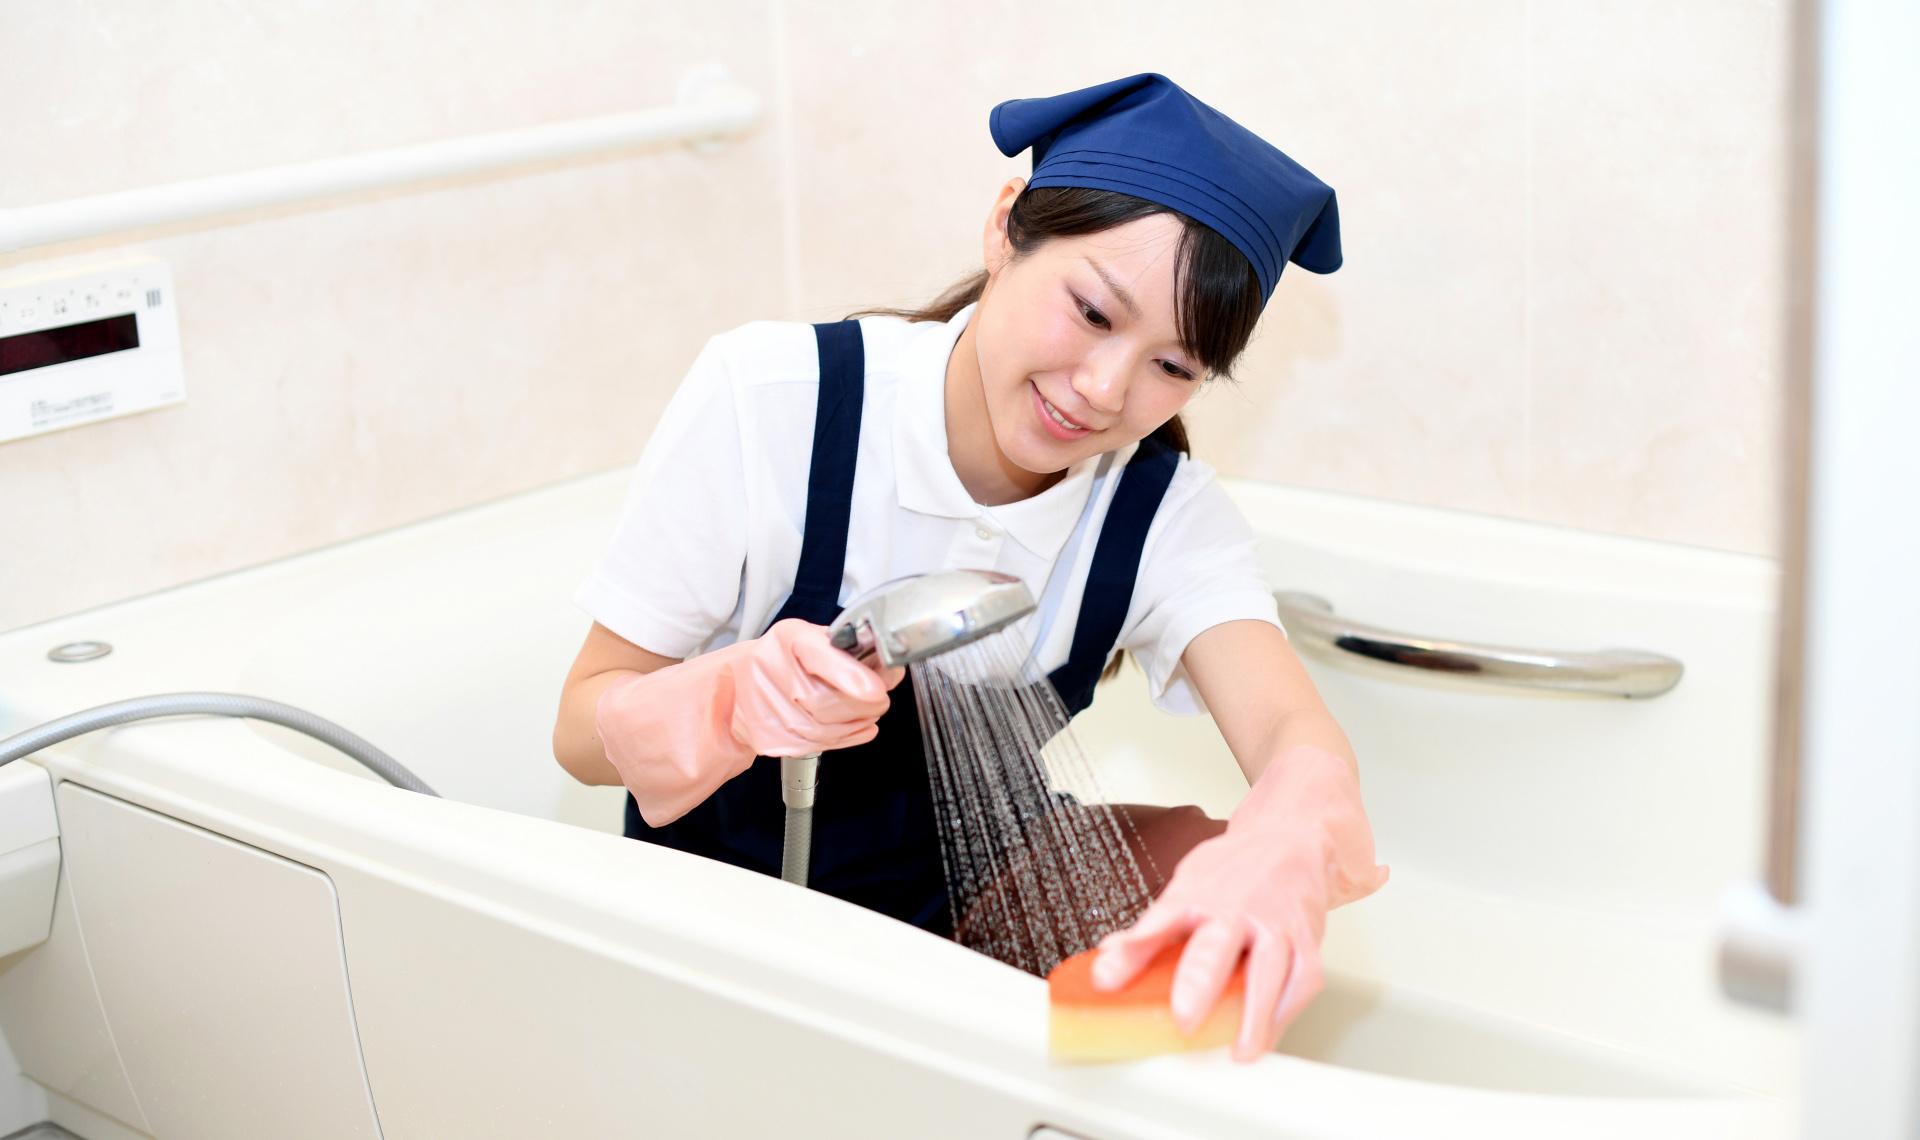 告別濕氣、黴菌!譚敦慈老師教學,浴廁聰明清潔法!